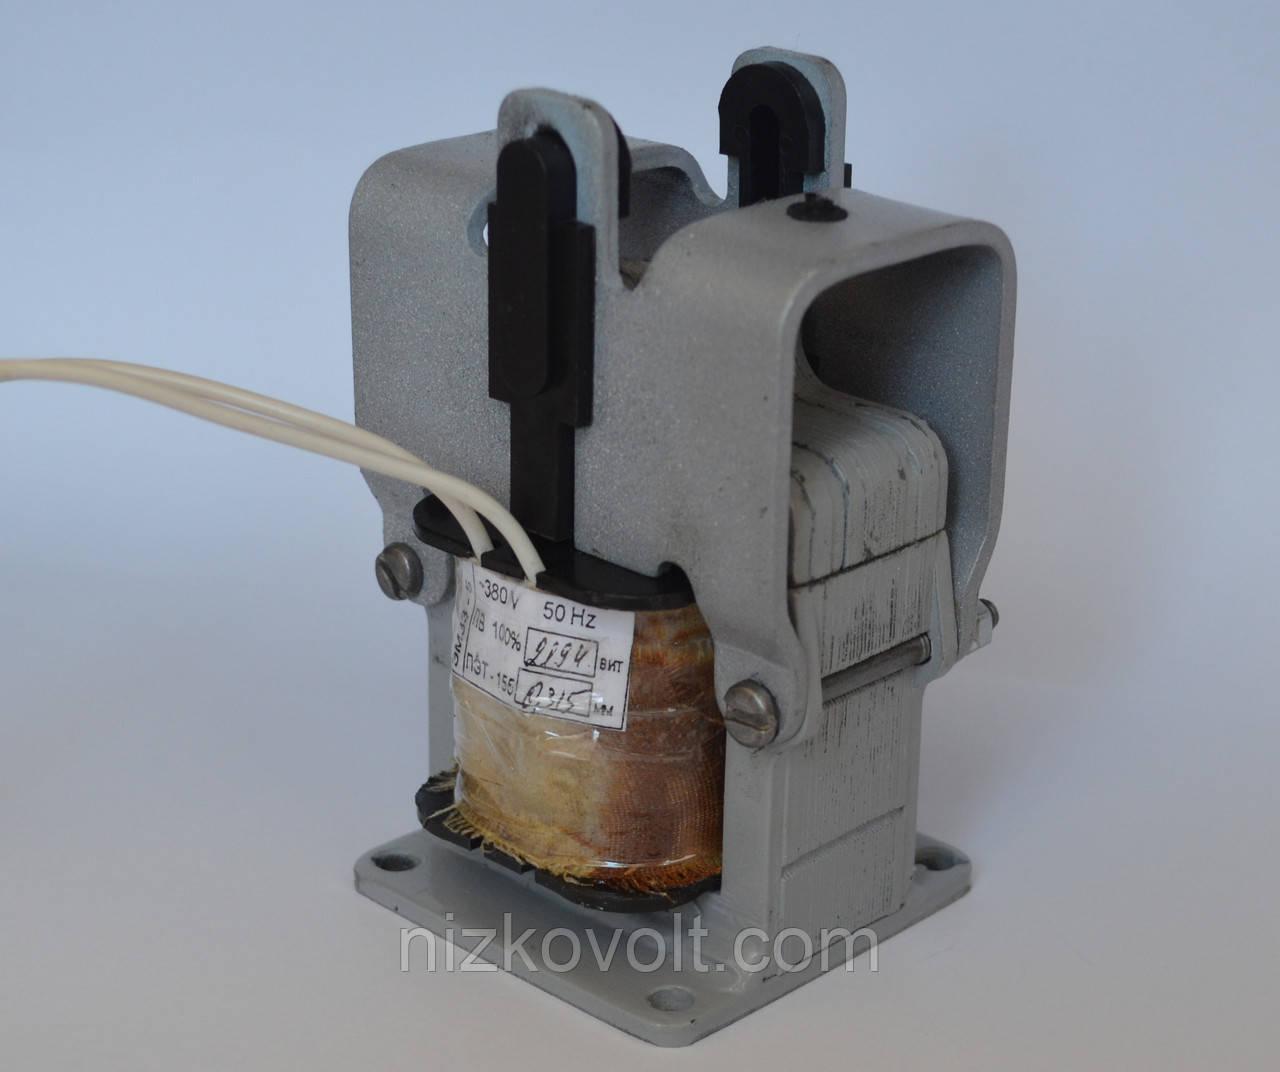 Электромагниты переменного тока однофазные ЭМ 33-5, электромагнит ЭМ 33-51161